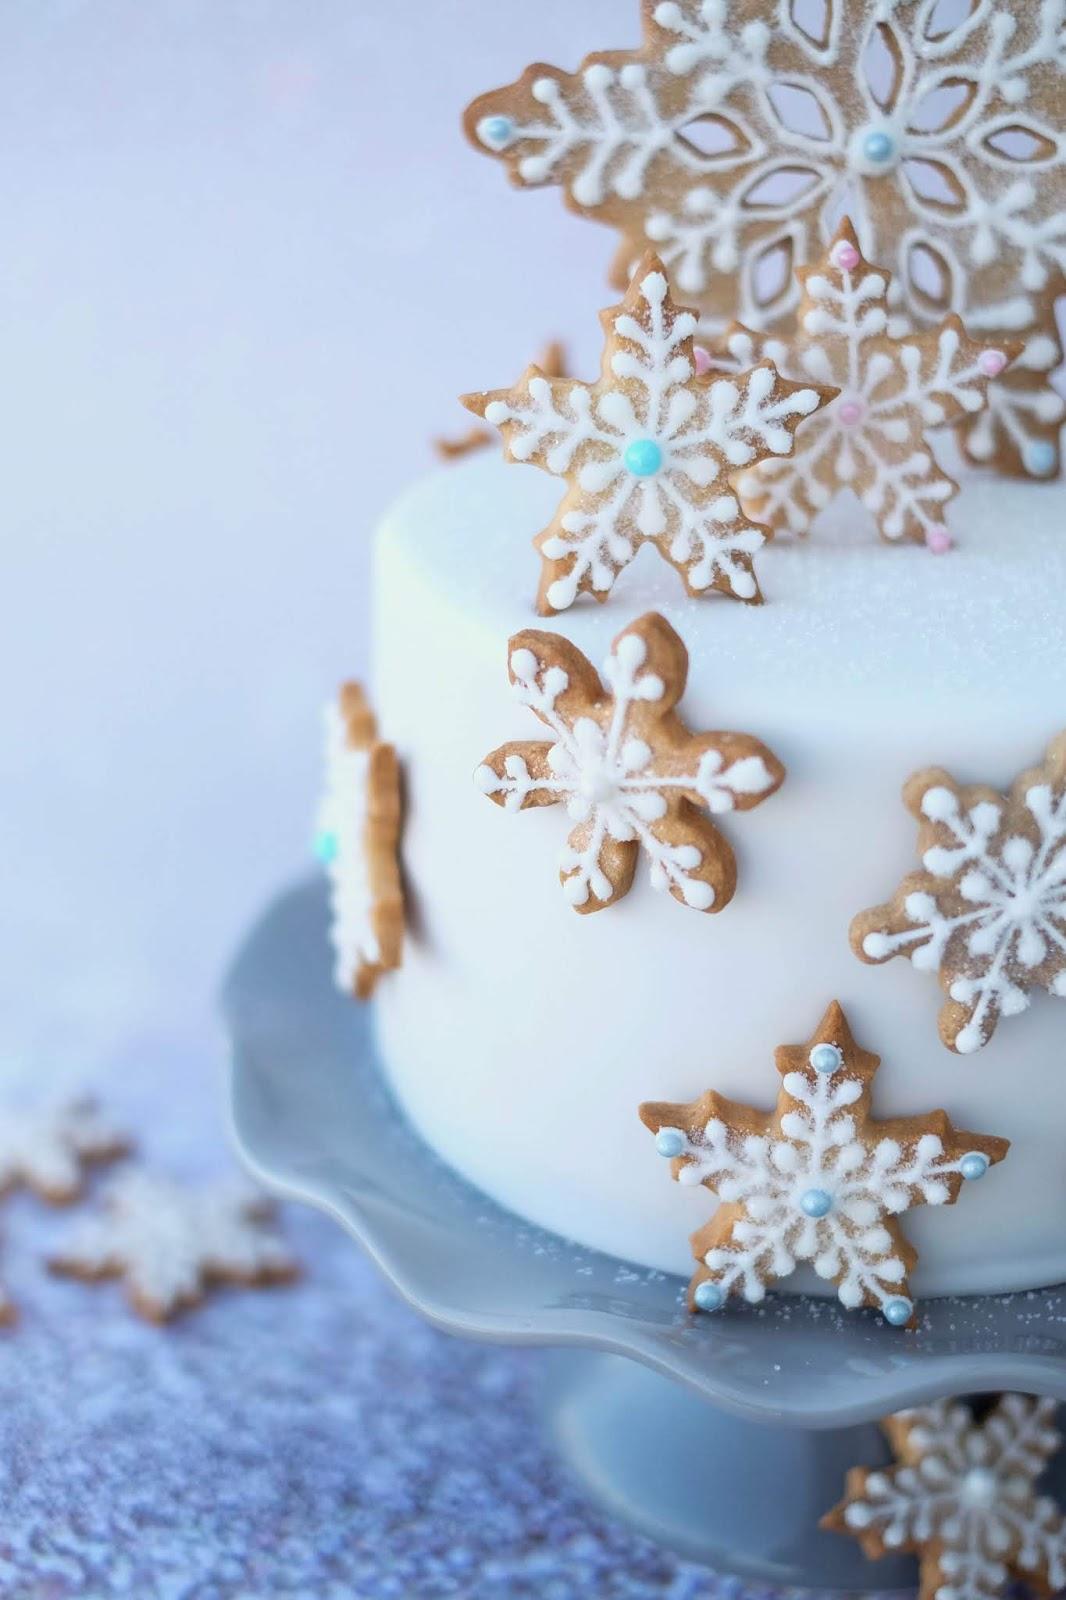 Schoko Baileys Torte Mit Vanille Und Creme Brulee Marion S